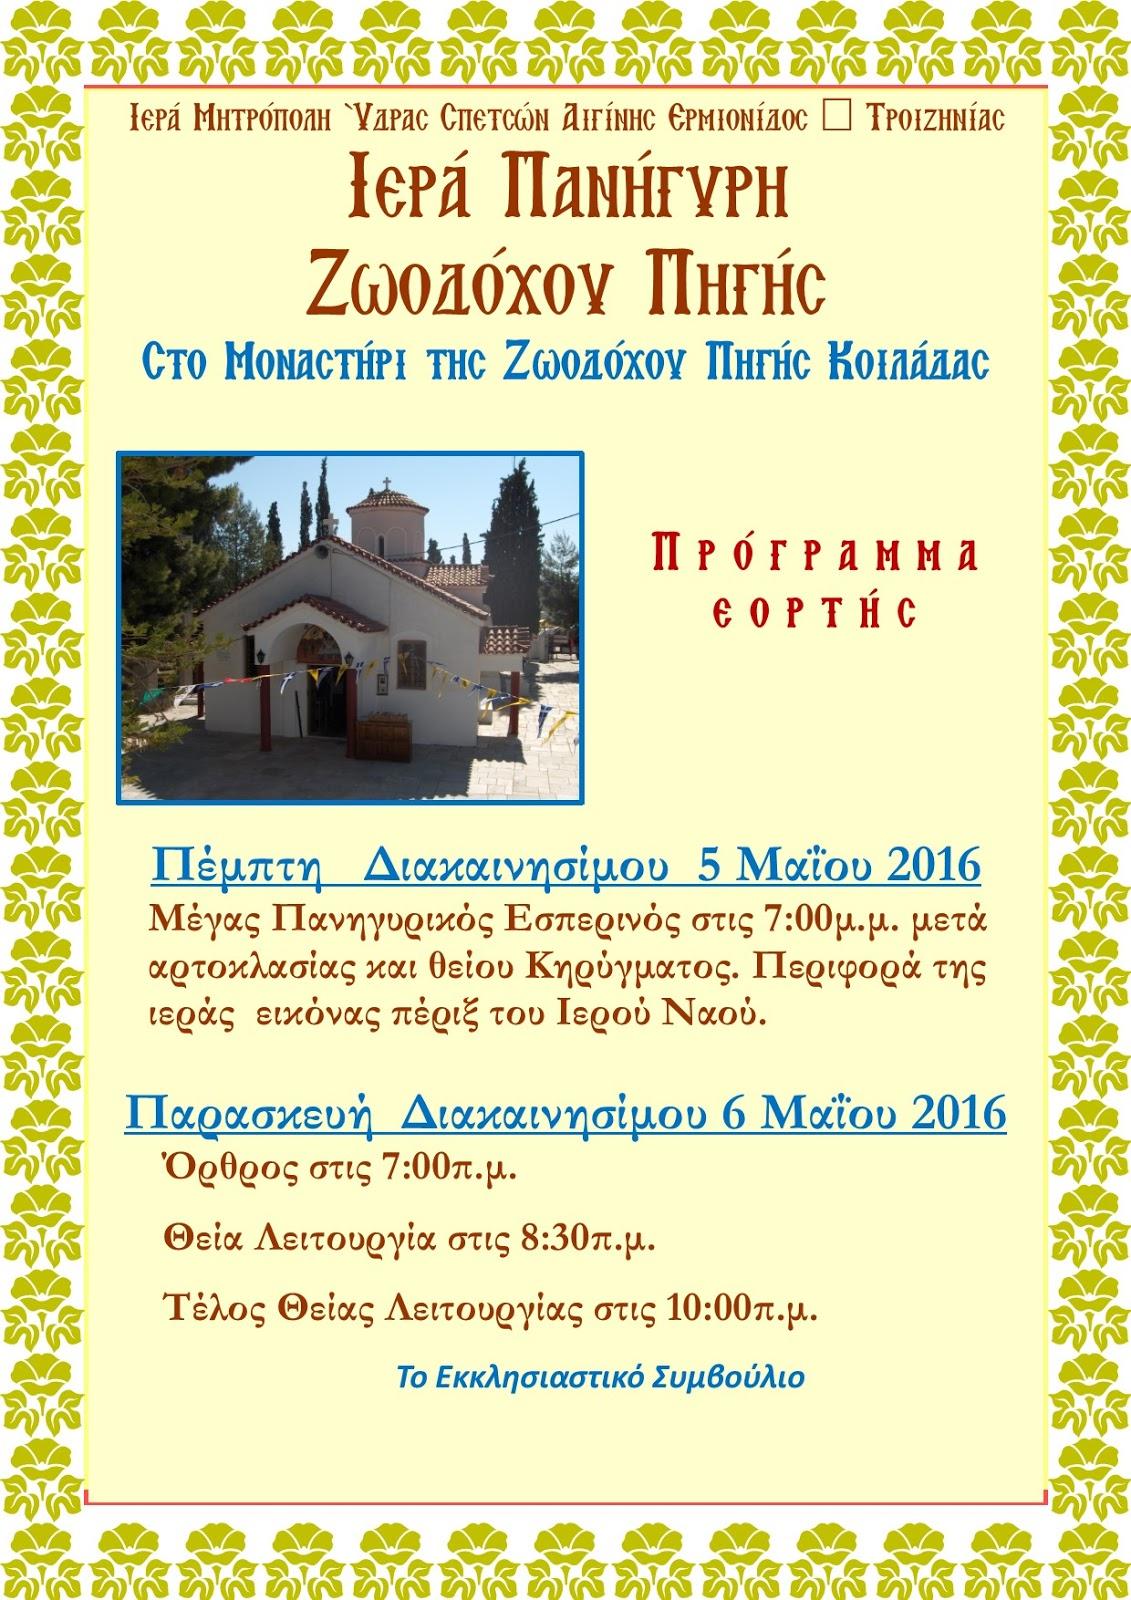 Εορτάζει το Μοναστήρι της Ζωοδόχου Πηγής στην Κοιλάδα στις 5 & 6 Μαΐου 2016